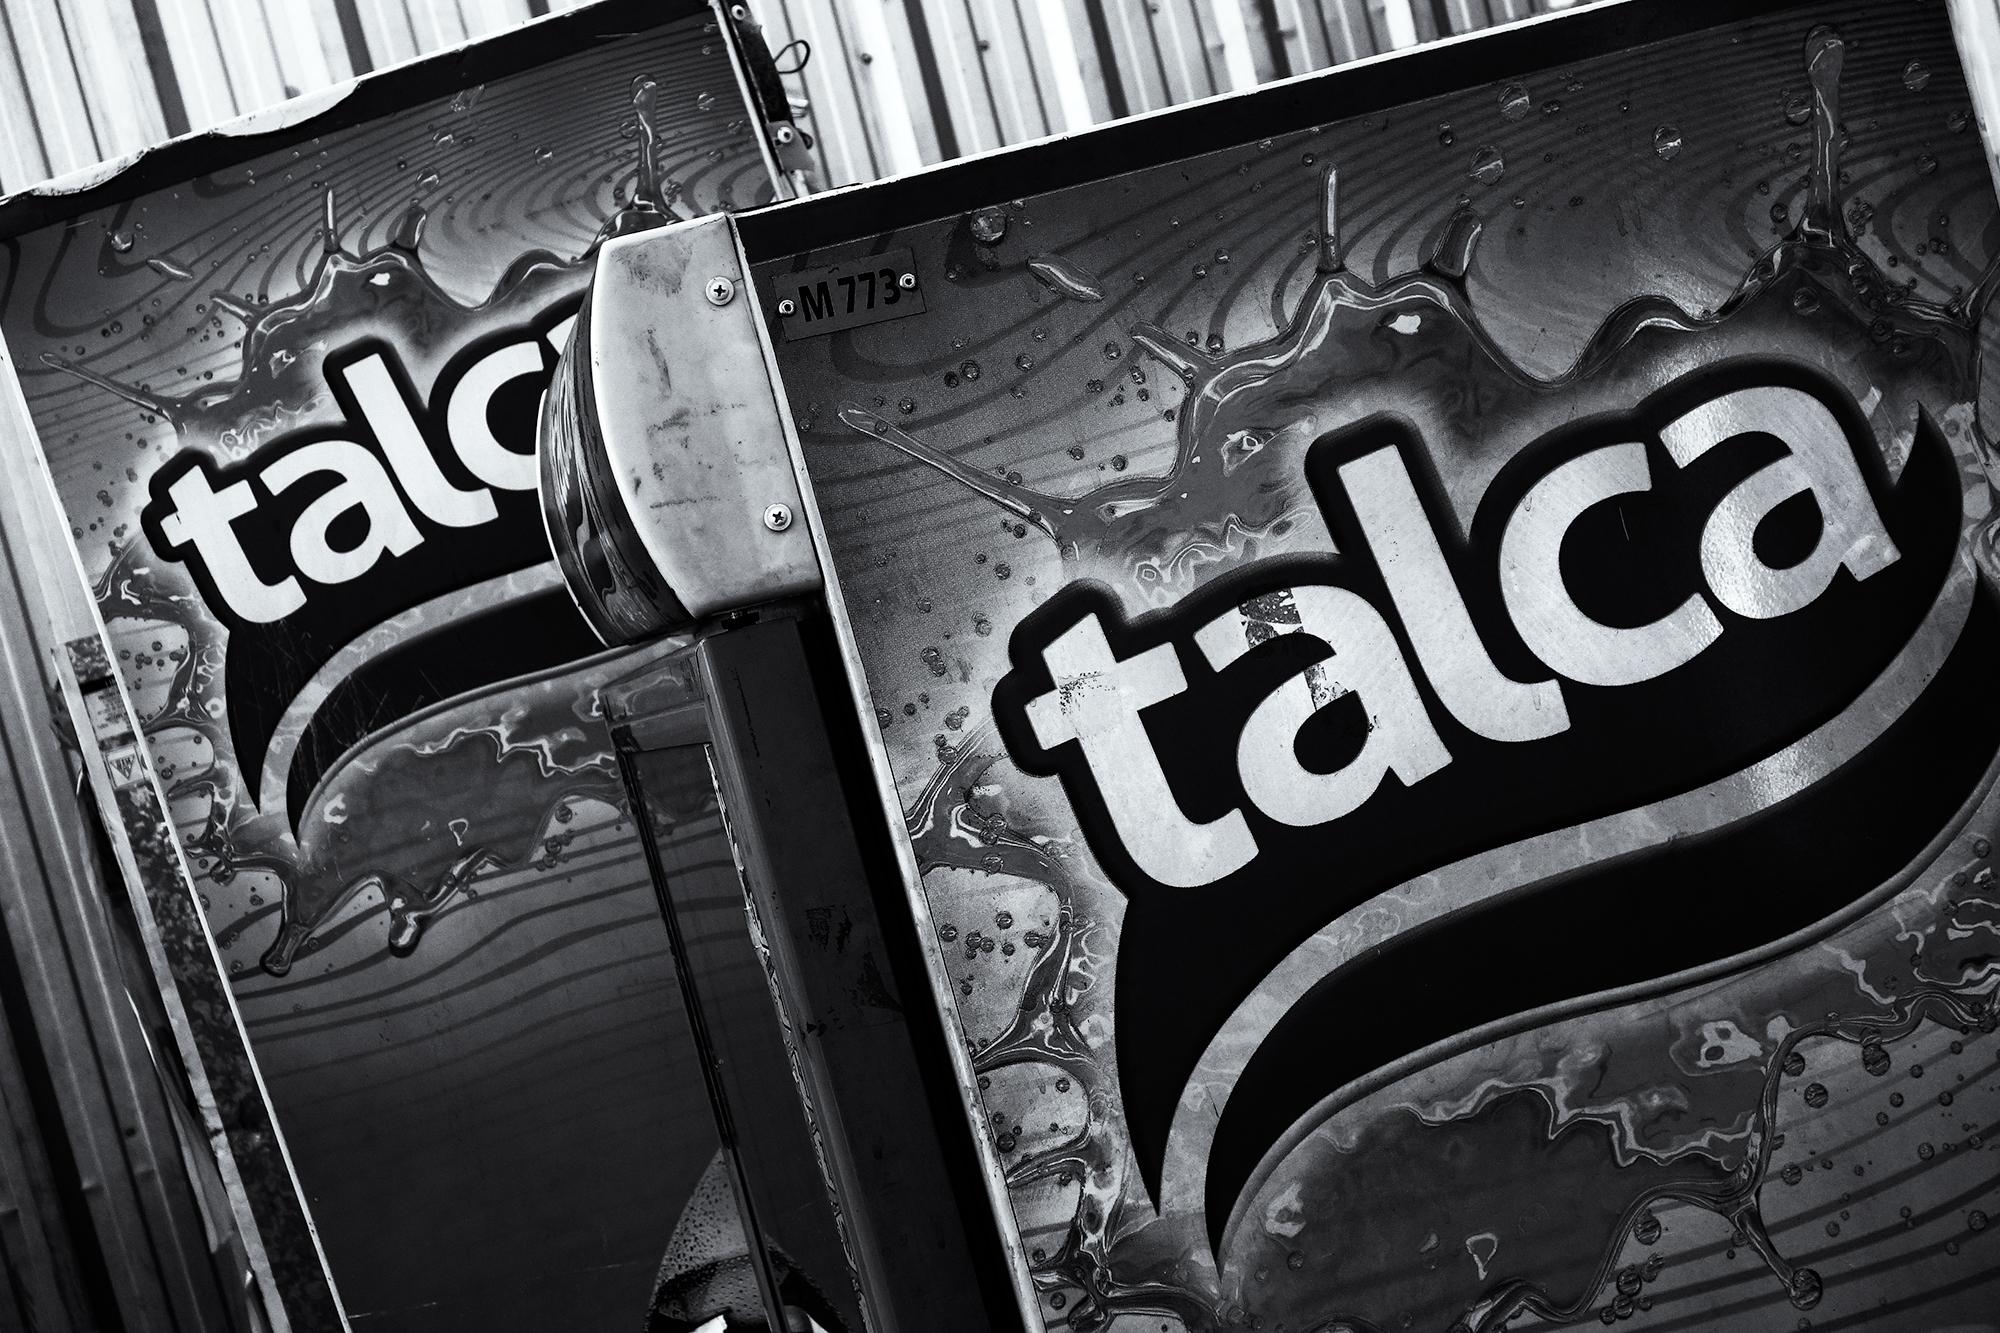 Talca, #14. Mendoza, Argentina, 2017